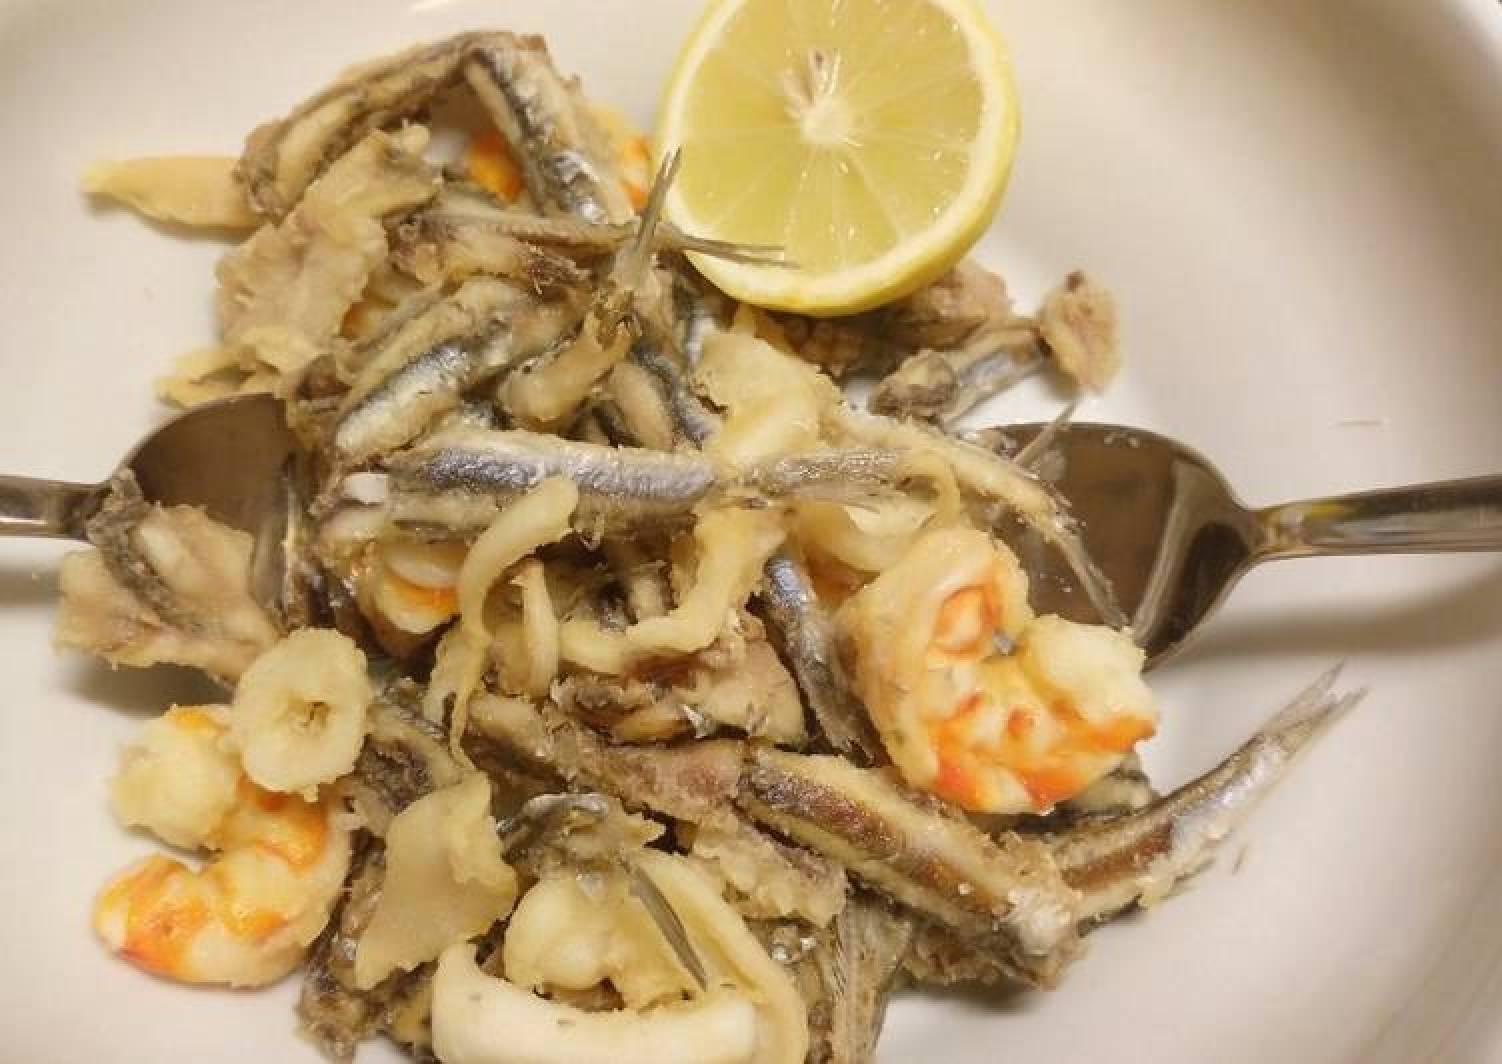 Fritto misto mixed fried fish